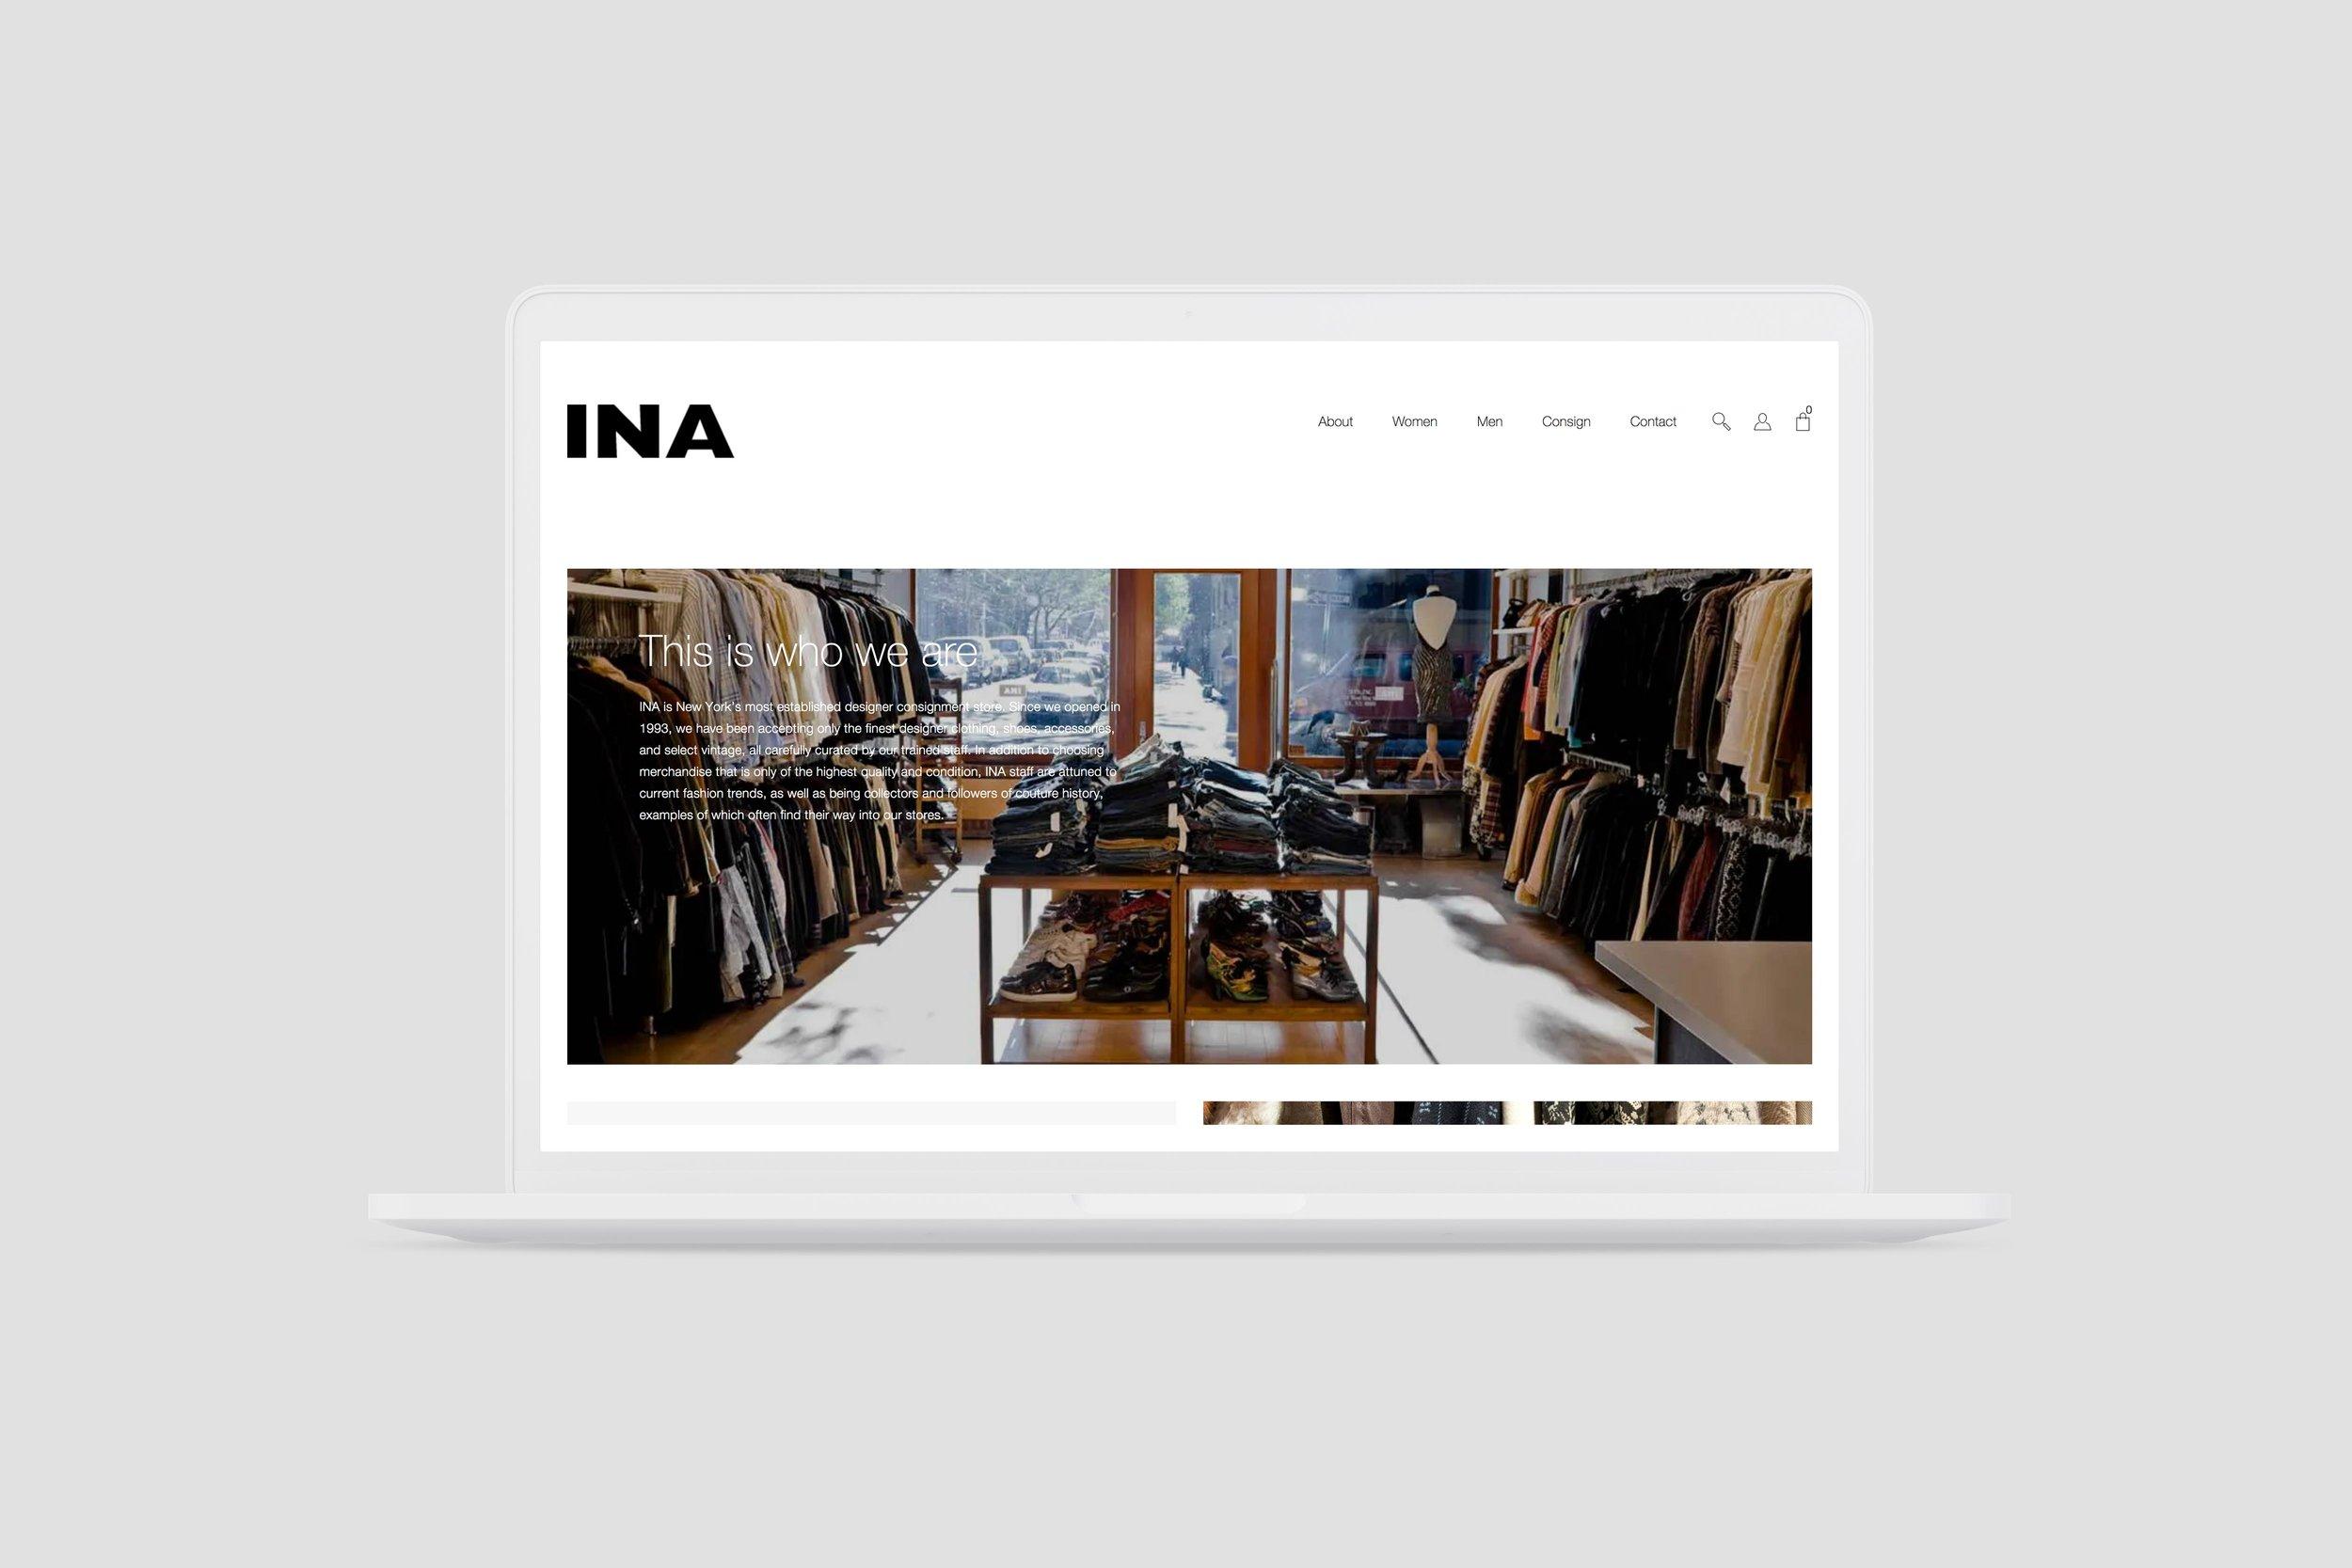 ina(11).jpg